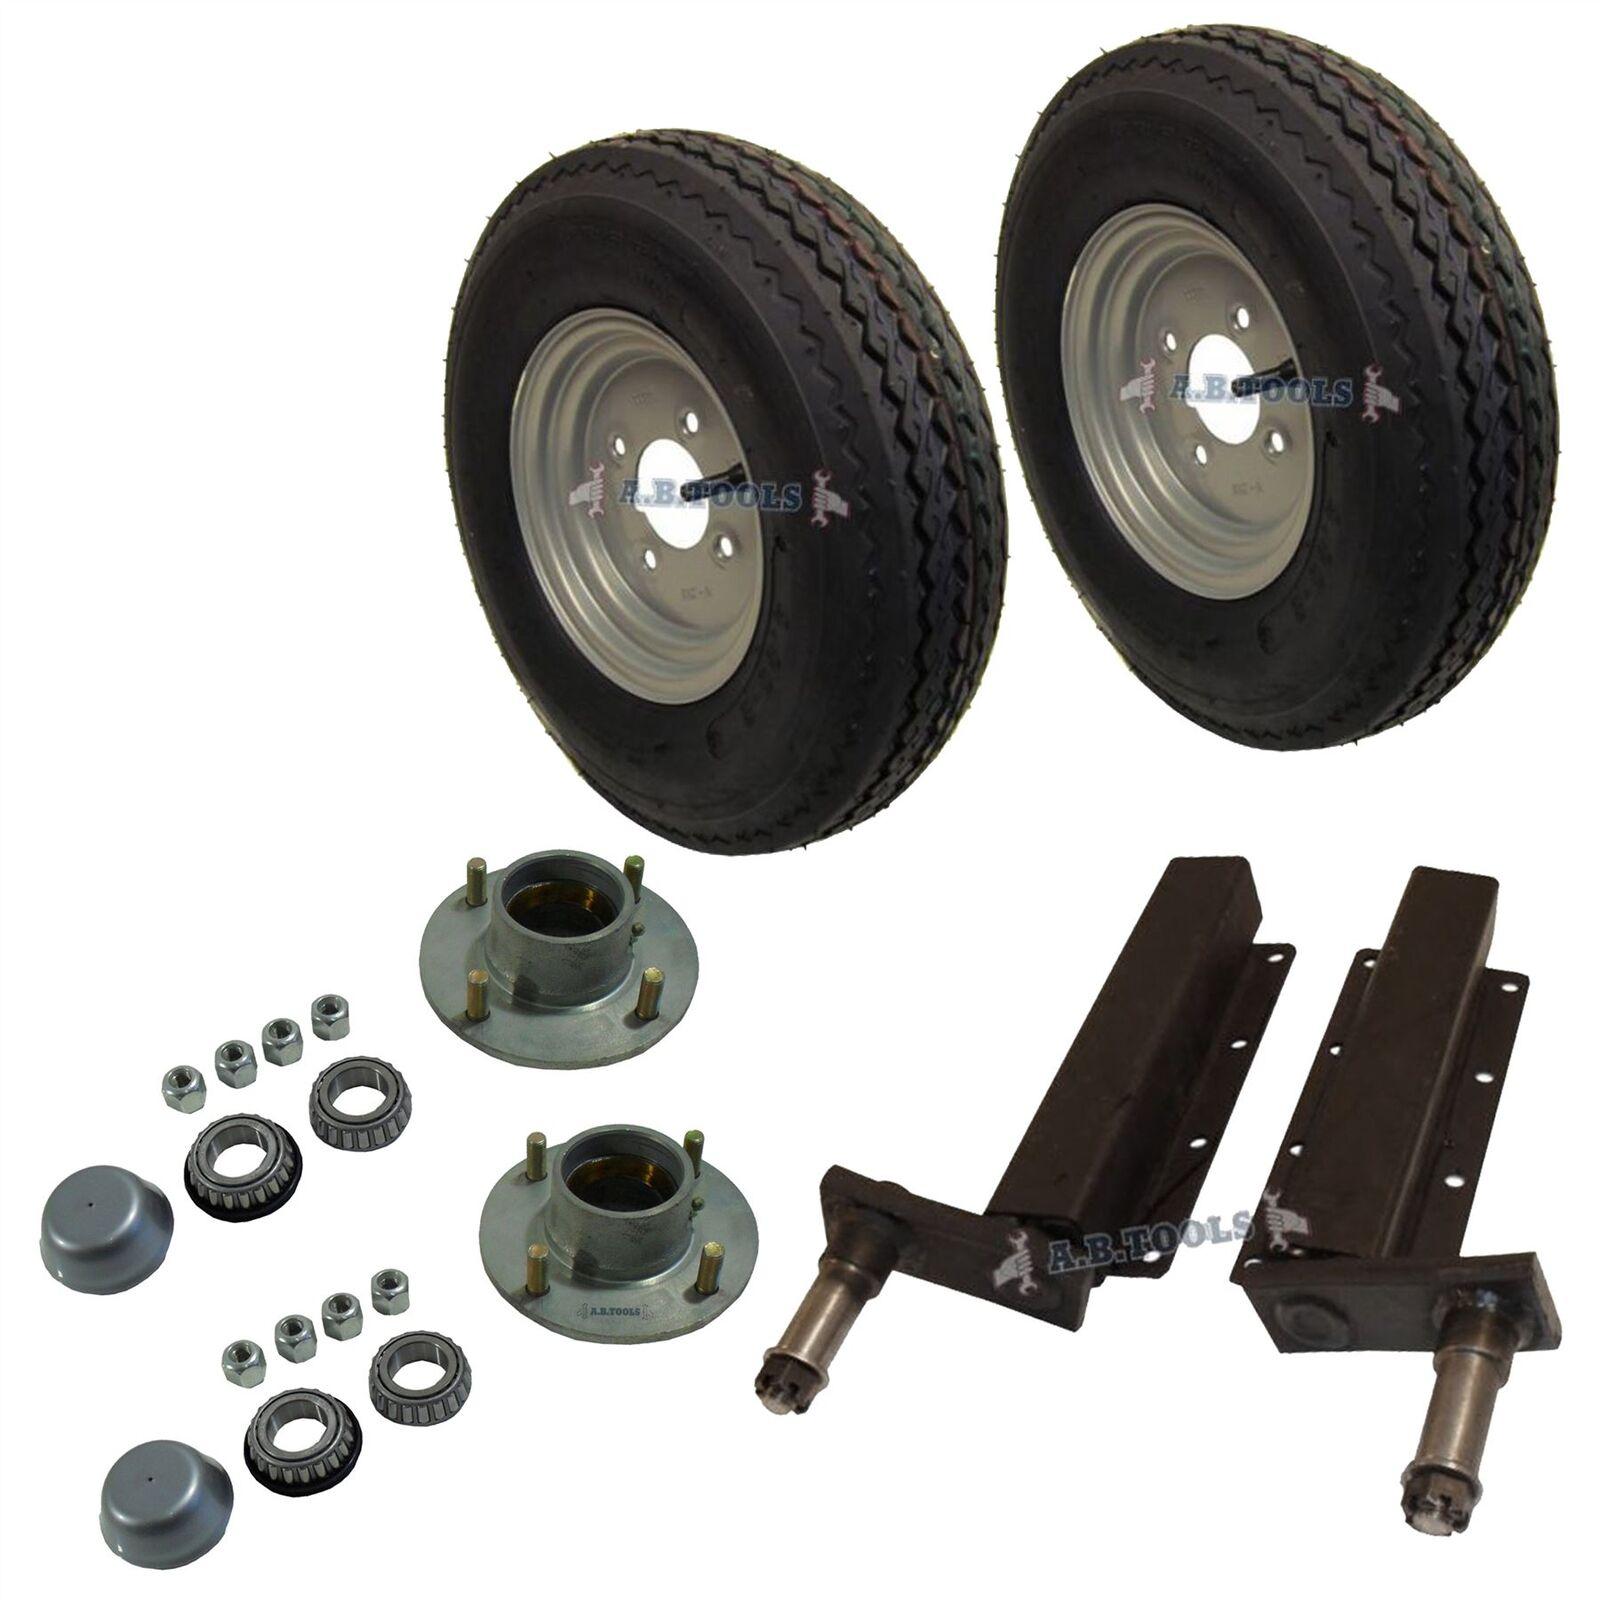 500kg Cubo de unidades de suspensión de remolque 4 PCD 4 Stud Rueda Neumático 400x8  4PLY